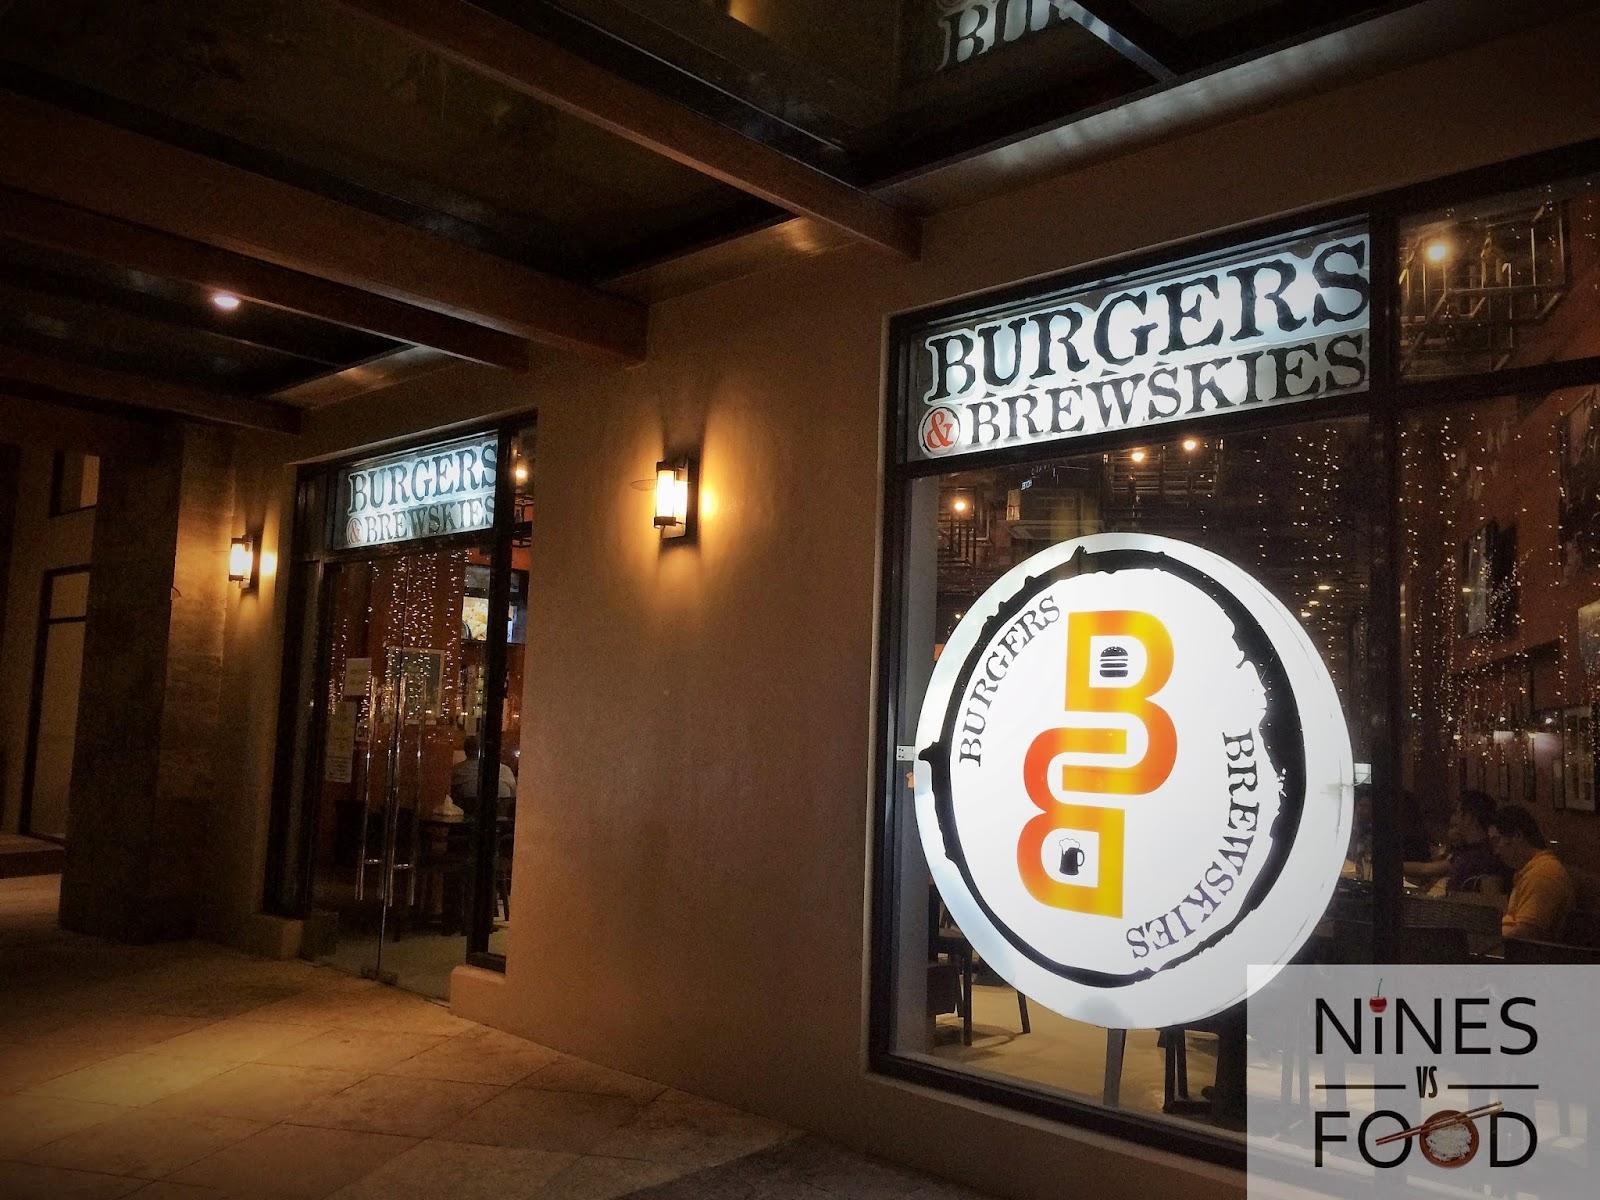 Nines vs. Food - Burgers & Brewskies-1.jpg